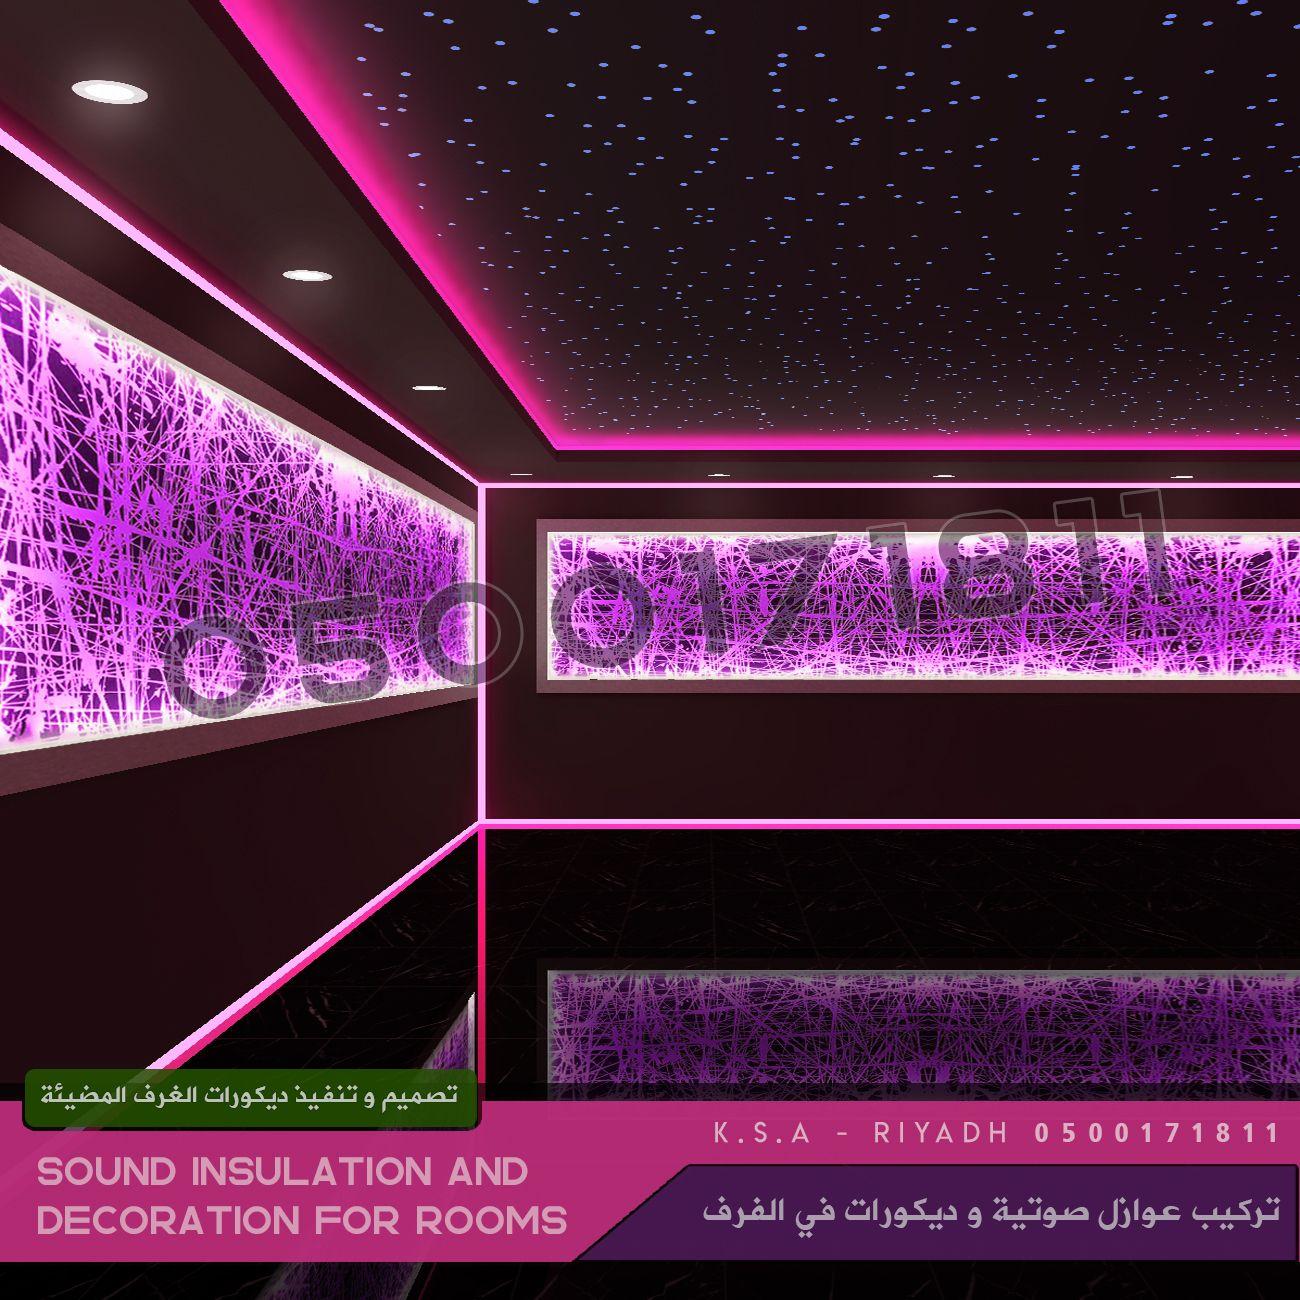 عزل صوت و ديكورات الرياض Concert Desktop Screenshot Stuff To Buy